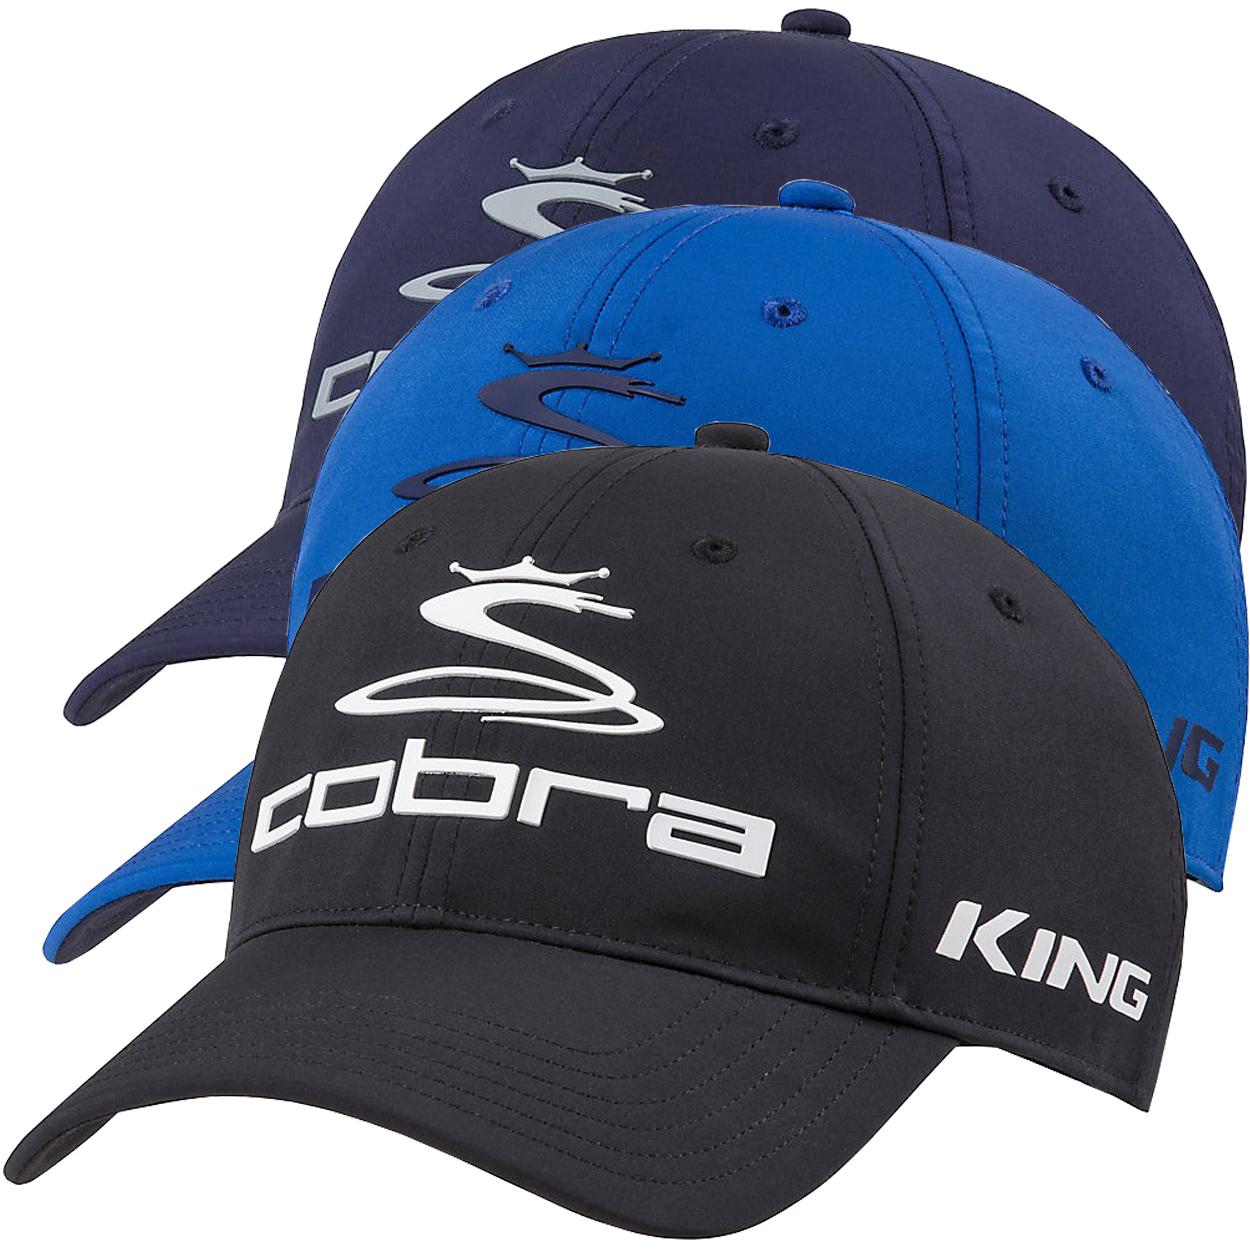 Cobra Golf Pro Tour Flexfit Hat NEW